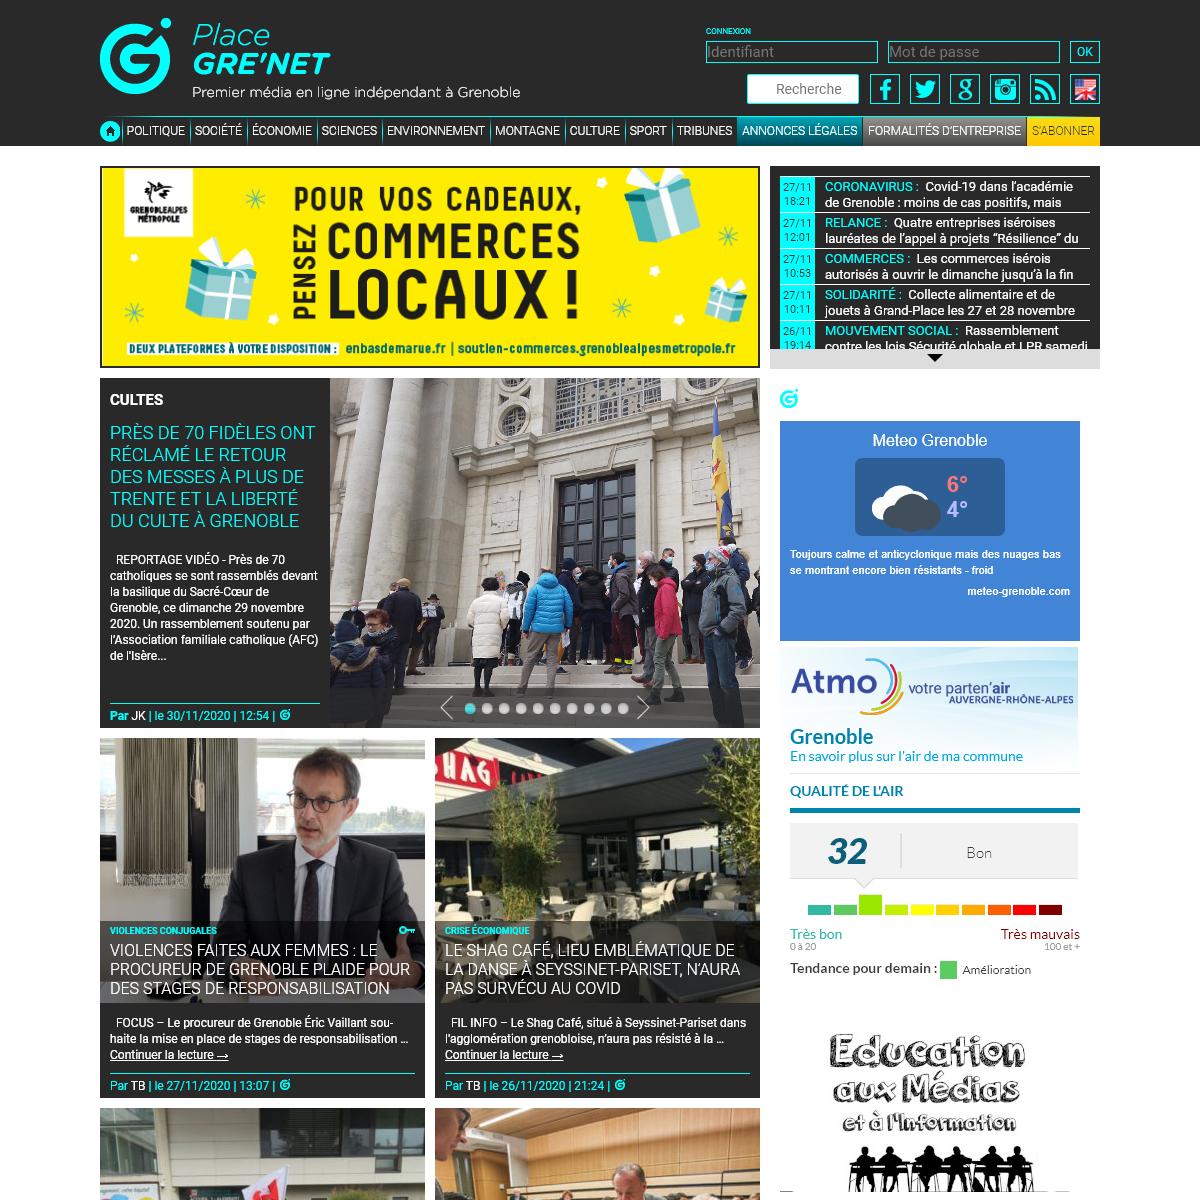 Place Gre`net - Premier média en ligne de la région grenobloise